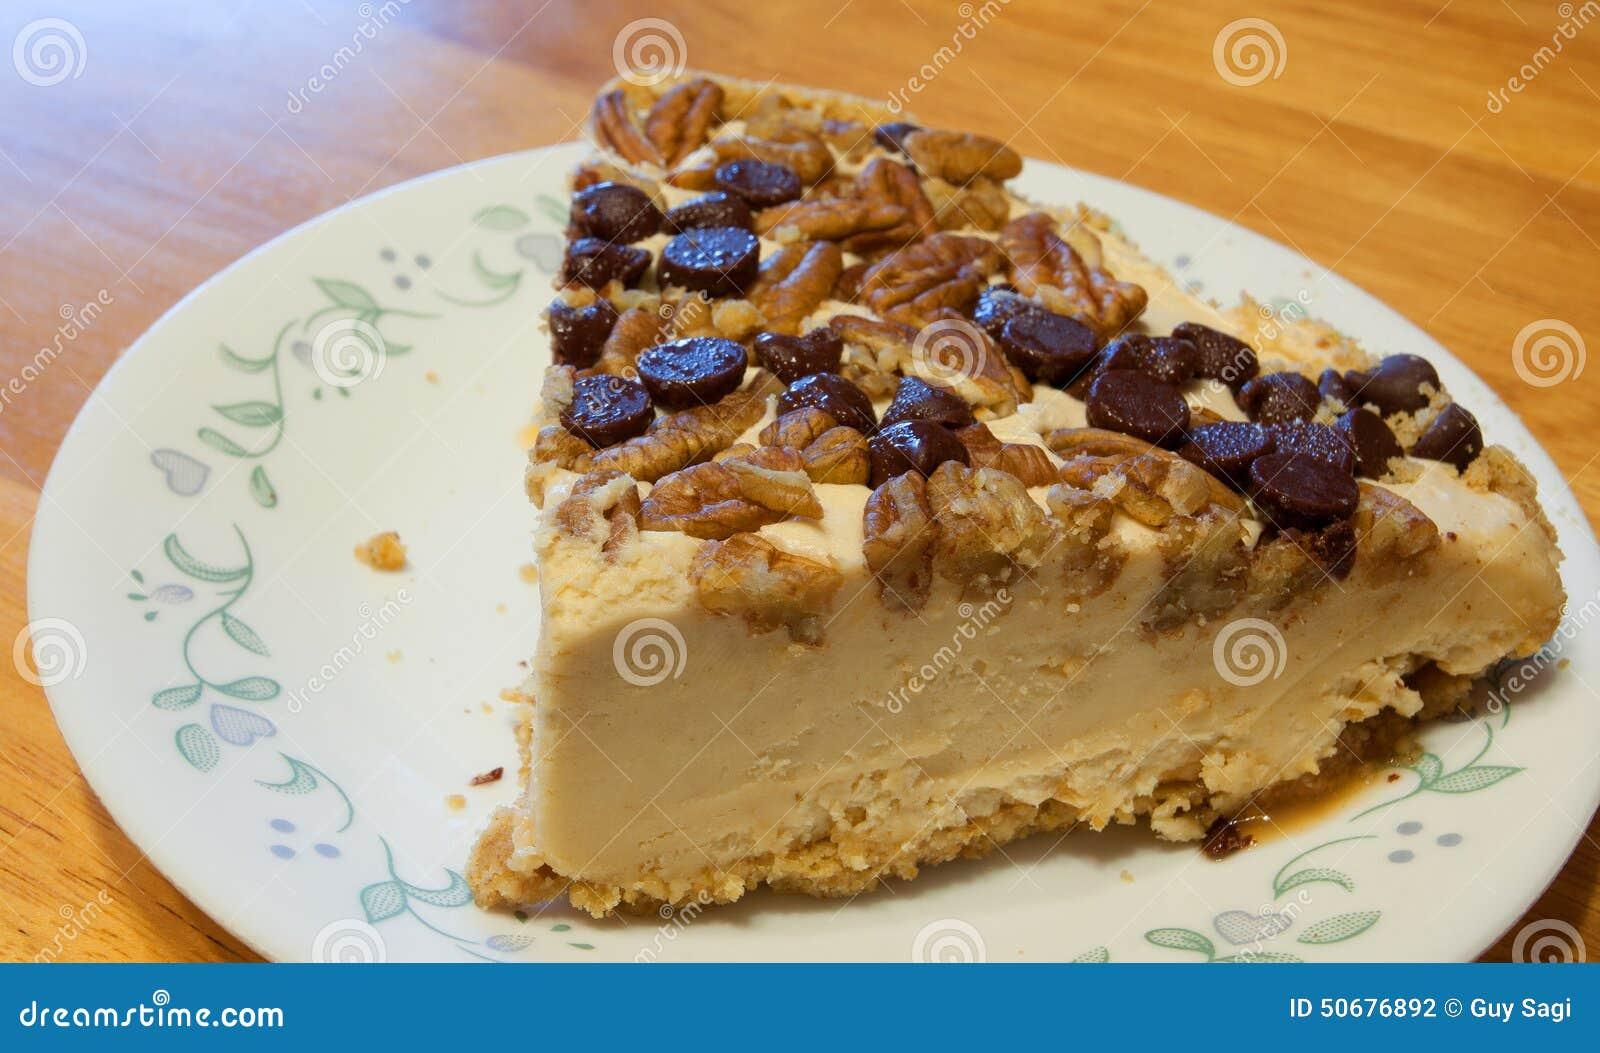 Download 与坚果的乳酪蛋糕 库存照片. 图片 包括有 点心, 牌照, 湿气, 黄色, 木头, 顶部, 装填, 筹码 - 50676892